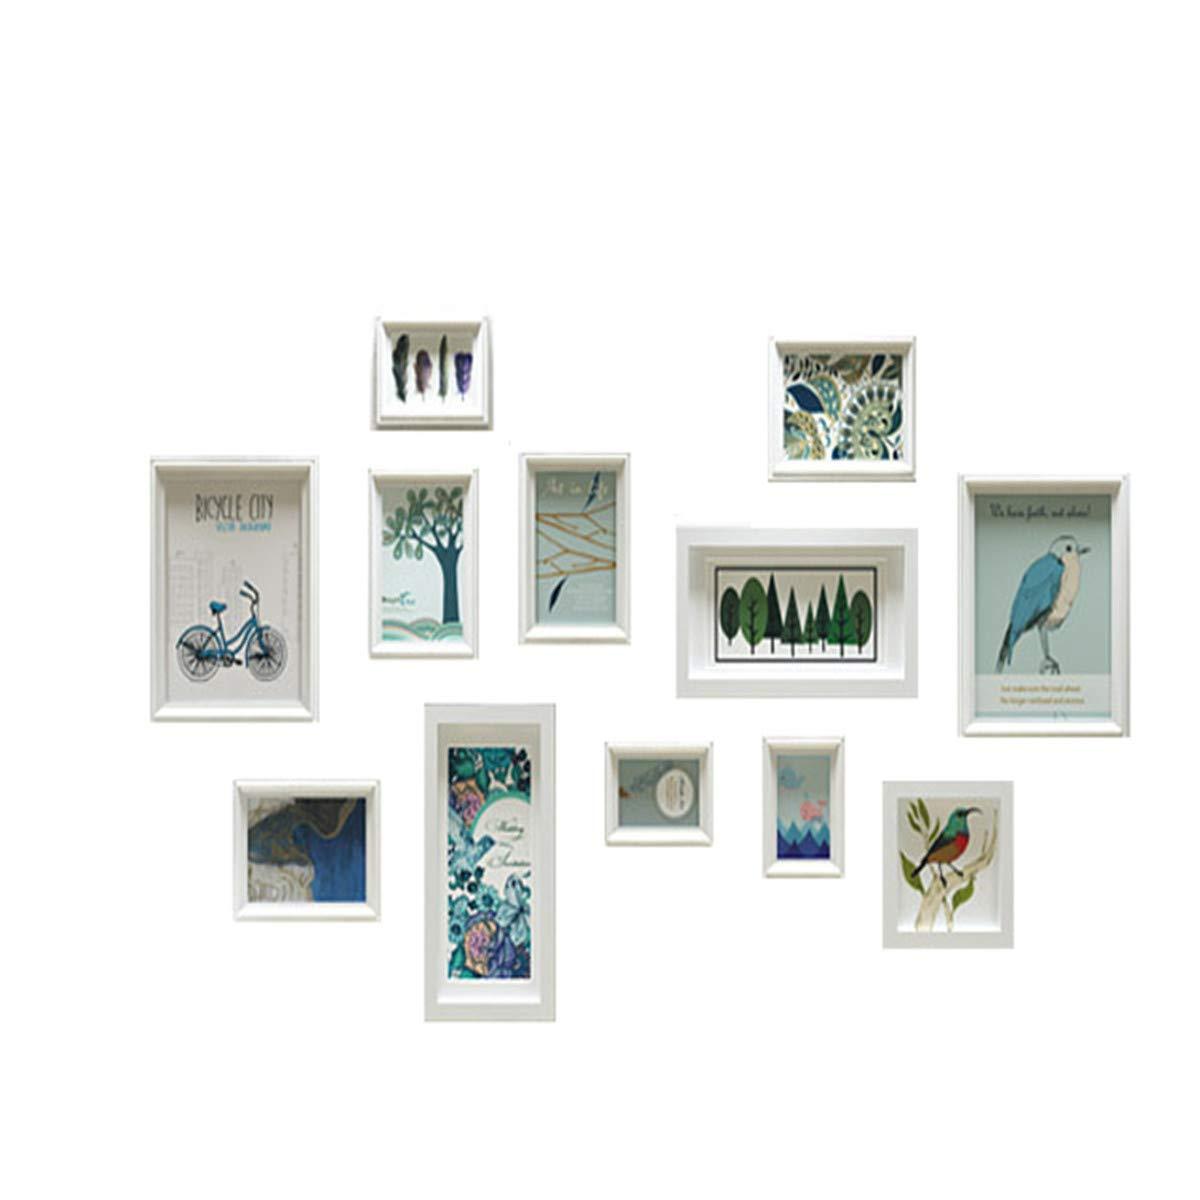 Muro fotográfico Creativo/Muro Creativo Europeo para portarretratos/ Portaretrato / Muro de Madera Maciza, Que representa el área de la Pared 145 * 85cm ...